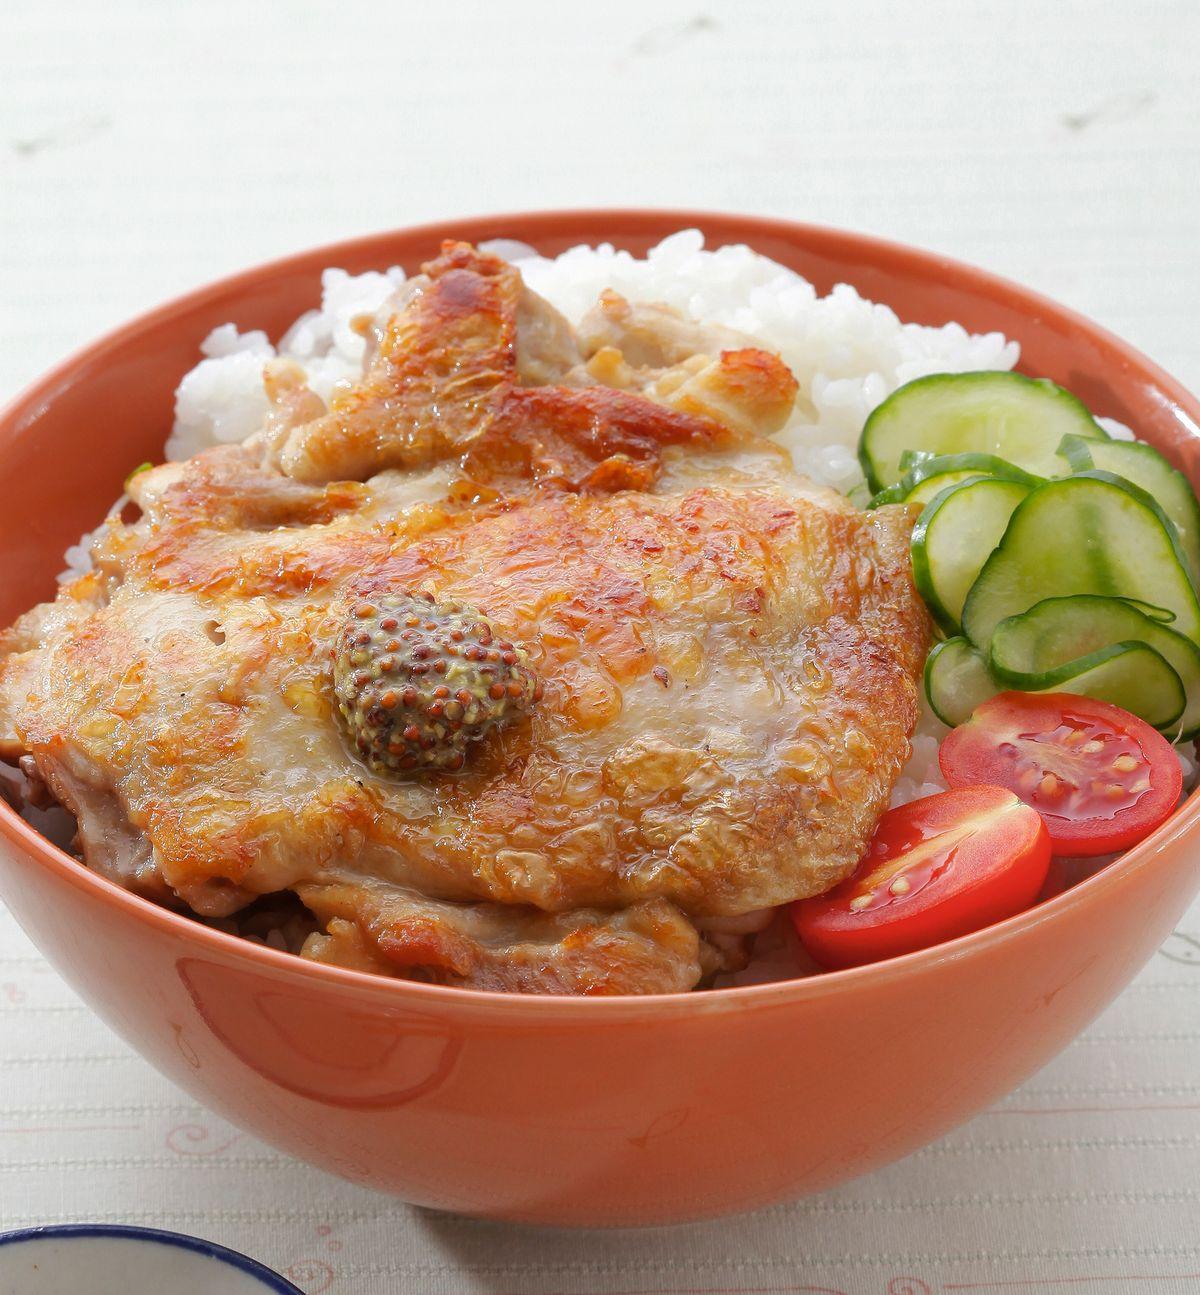 食譜:沙拉雞排蓋飯